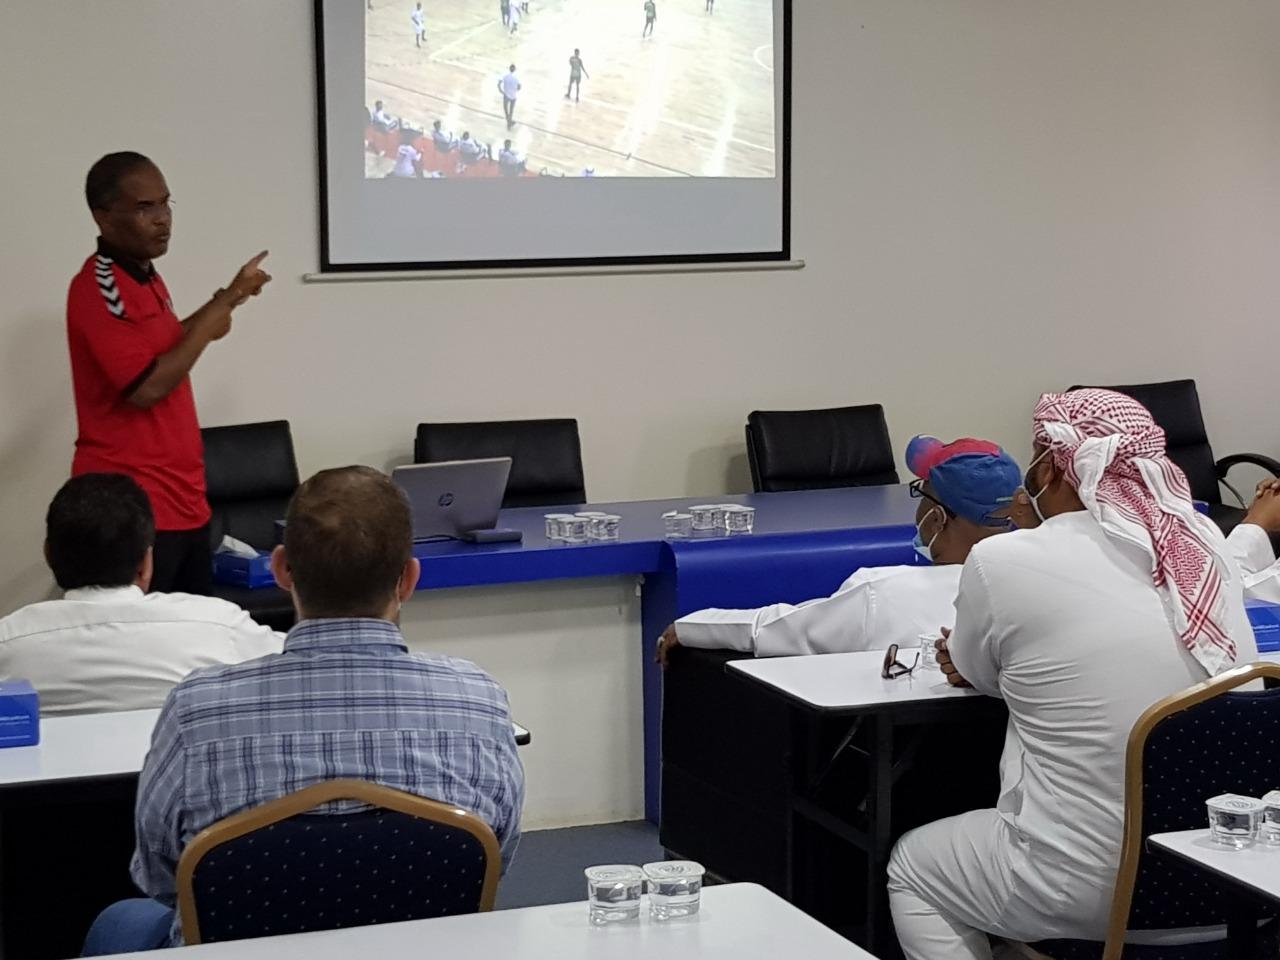 20 حكما وحكمة يشاركون فى ورشة حكام كرة اليد حول تطبيقات قواعد اللعب الجديدة